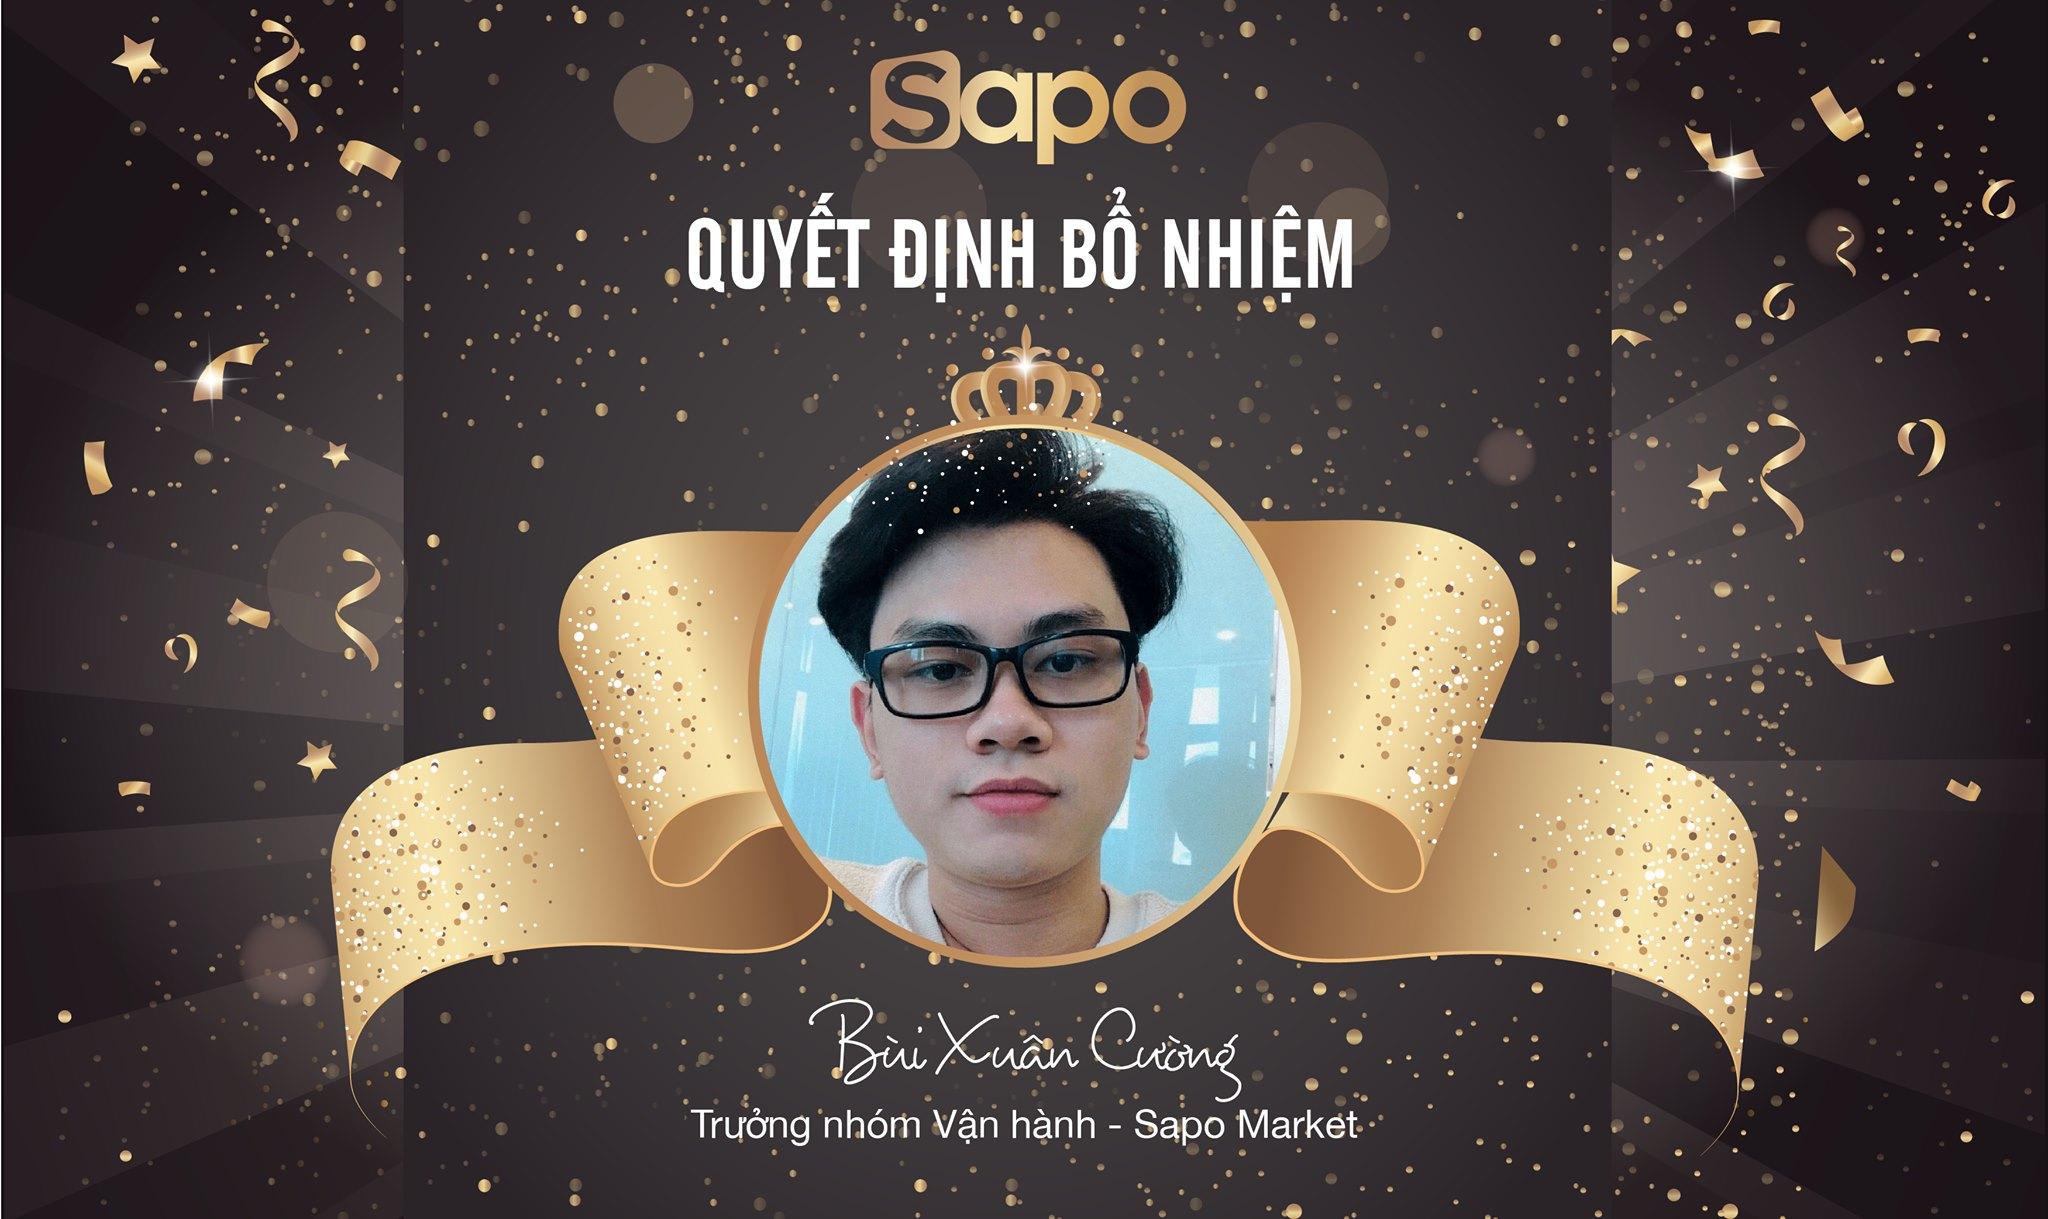 Quyết định bổ nhiệm vị trí Trưởng nhóm vận hành - Dự án Sapo Market.